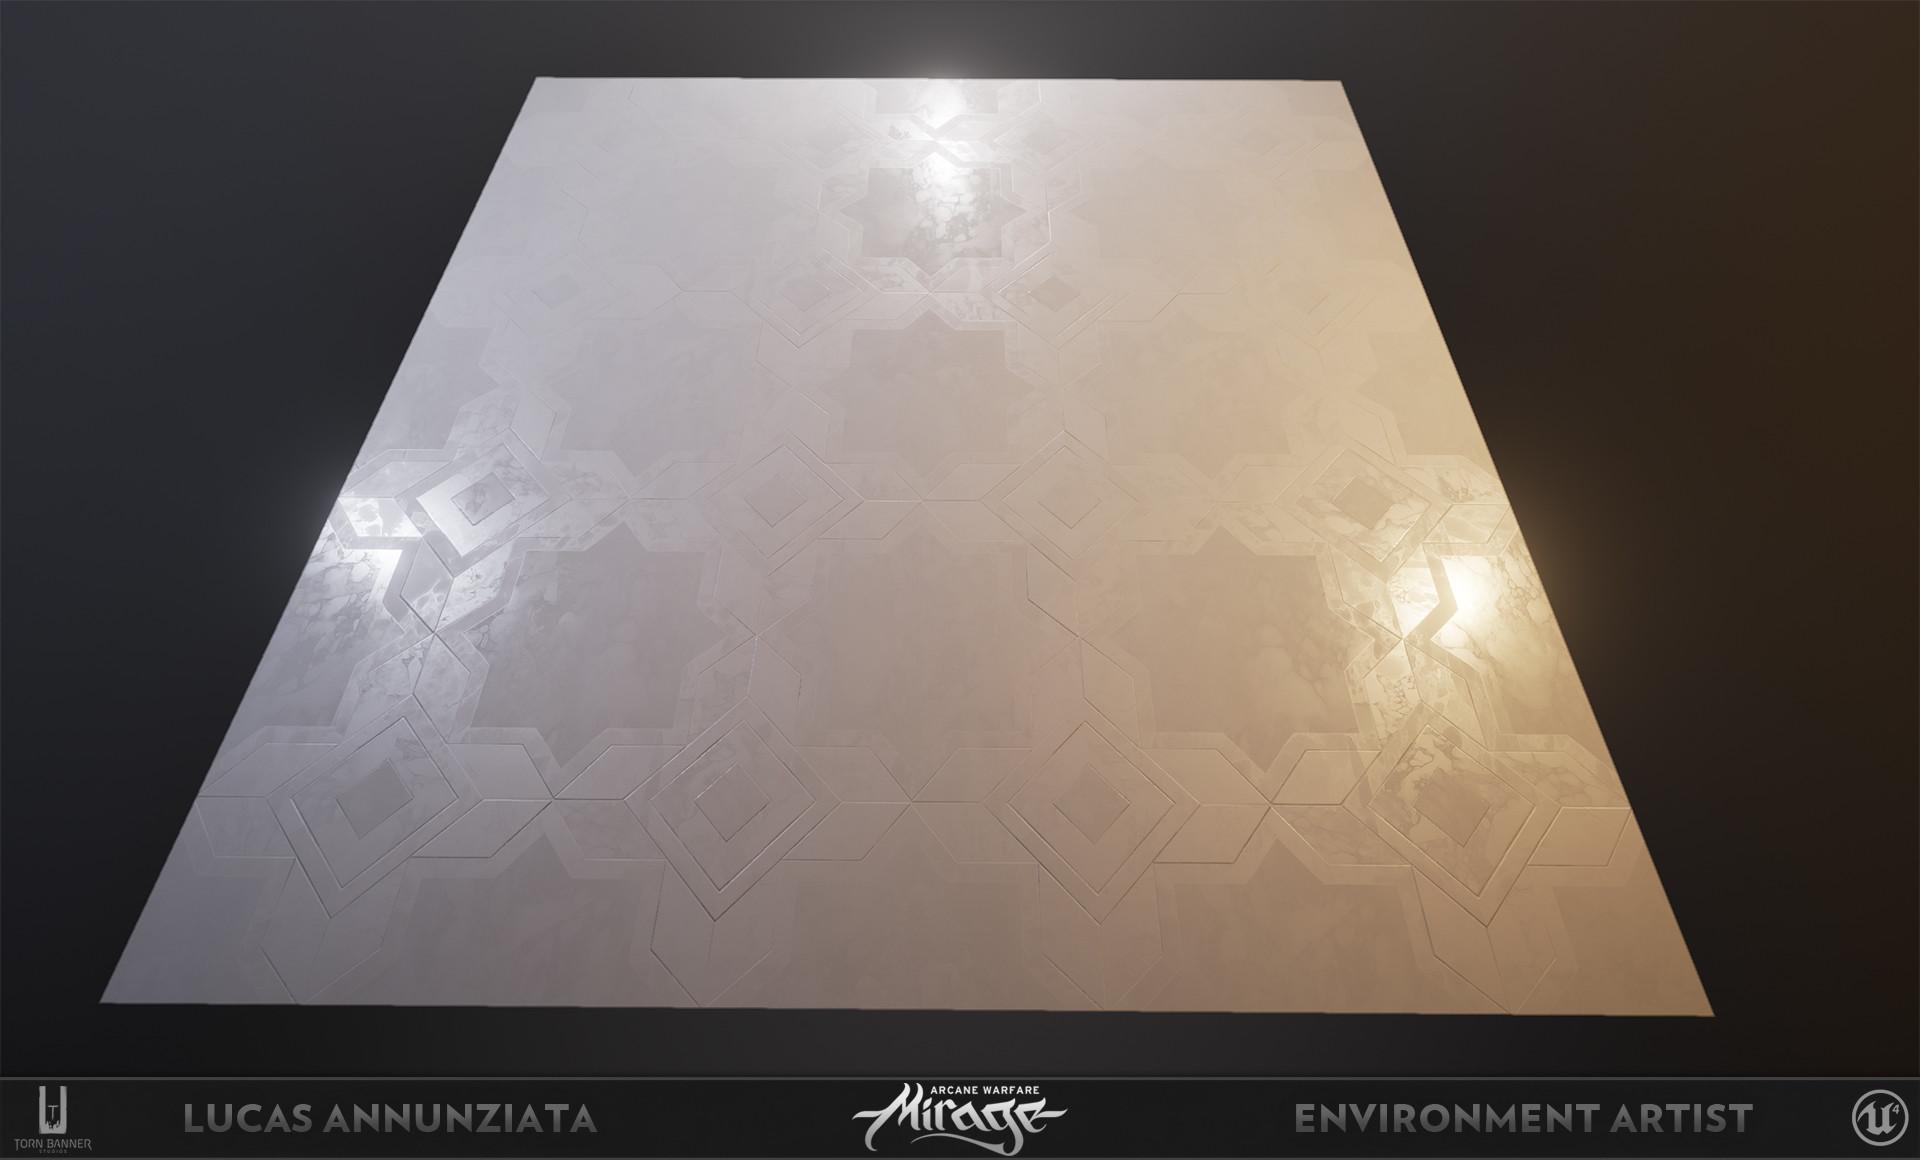 Lucas annunziata marble 5